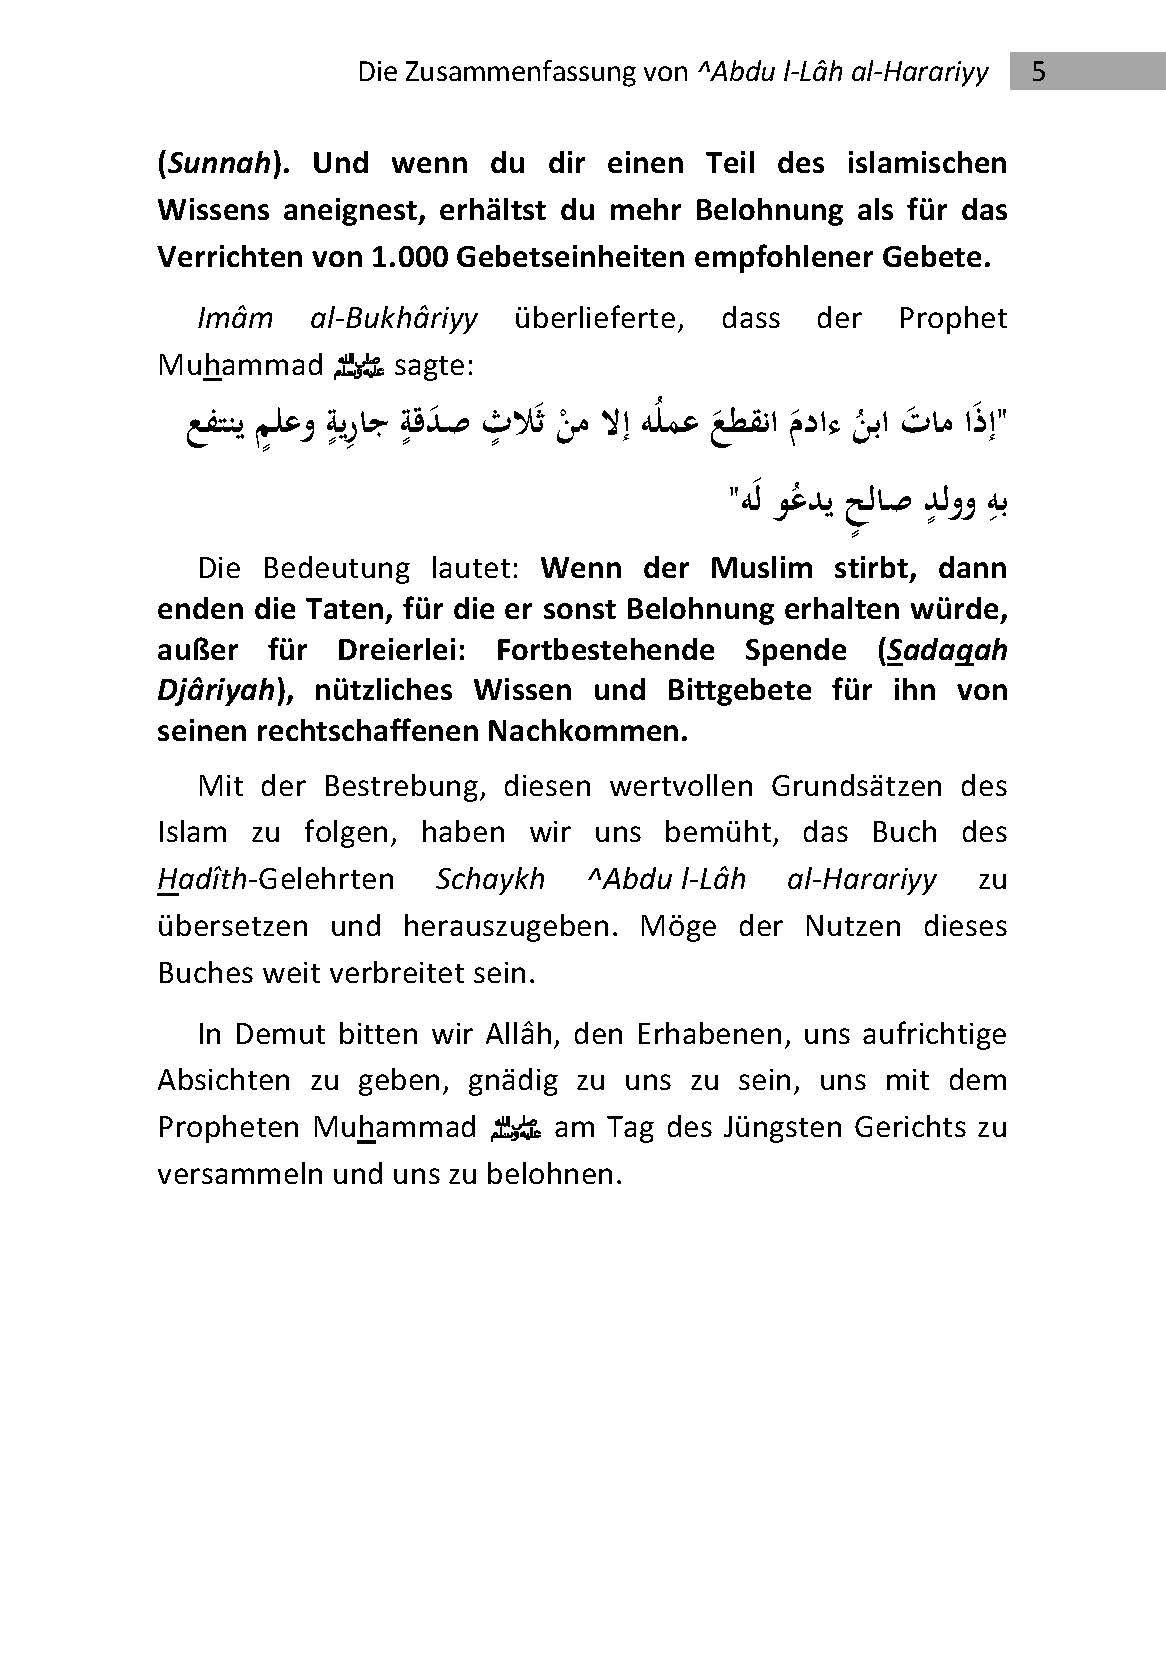 Die Zusammenfassung - 3. Auflage 2014_Seite_05